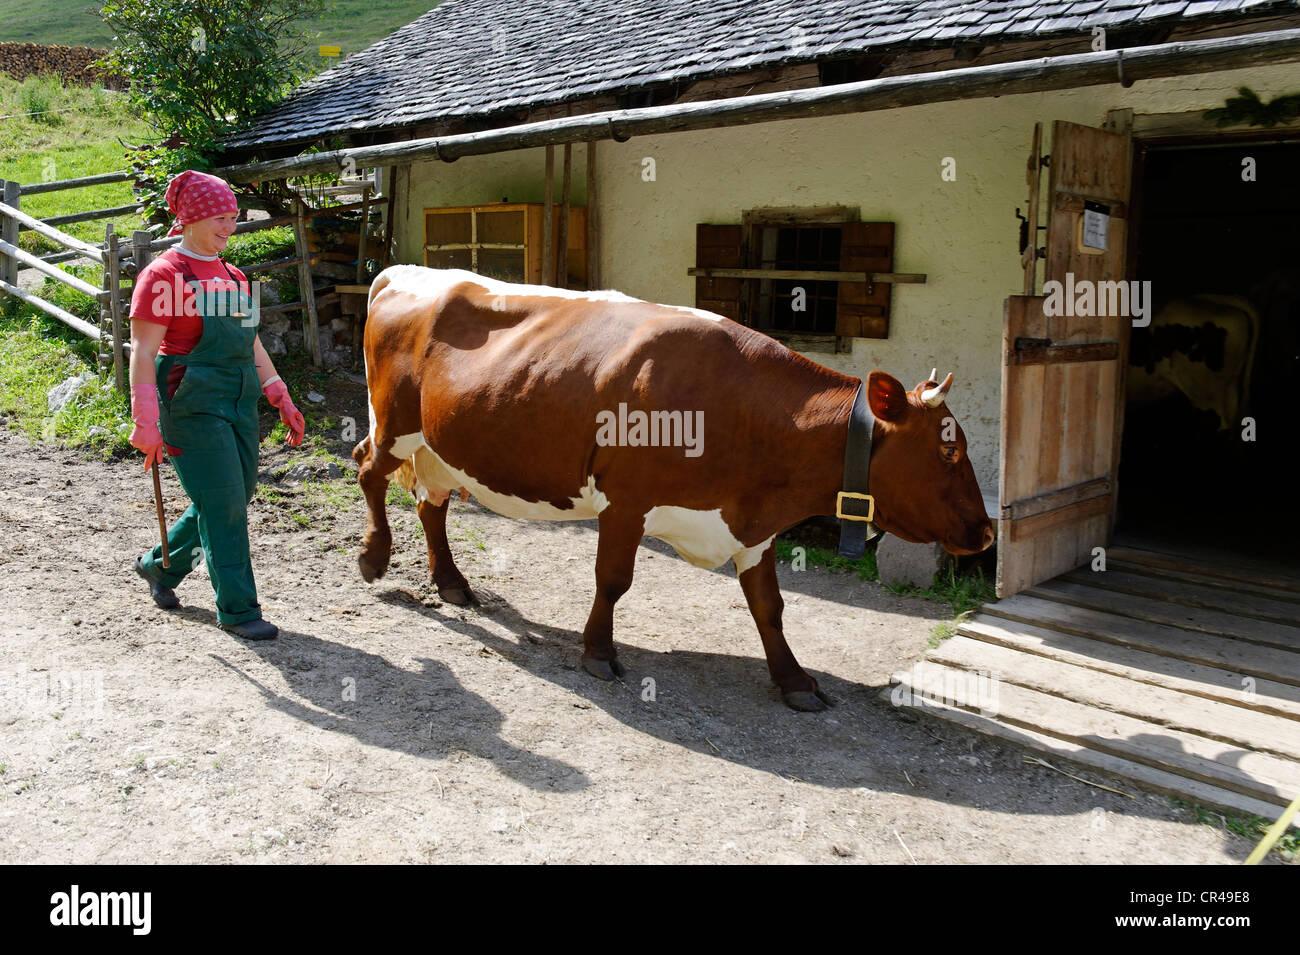 Cameriera caseificio bestiame guida alla stabile su Halsalm, Parco Nazionale di Berchtesgaden, Hintersee, Berchtesgaden, Immagini Stock